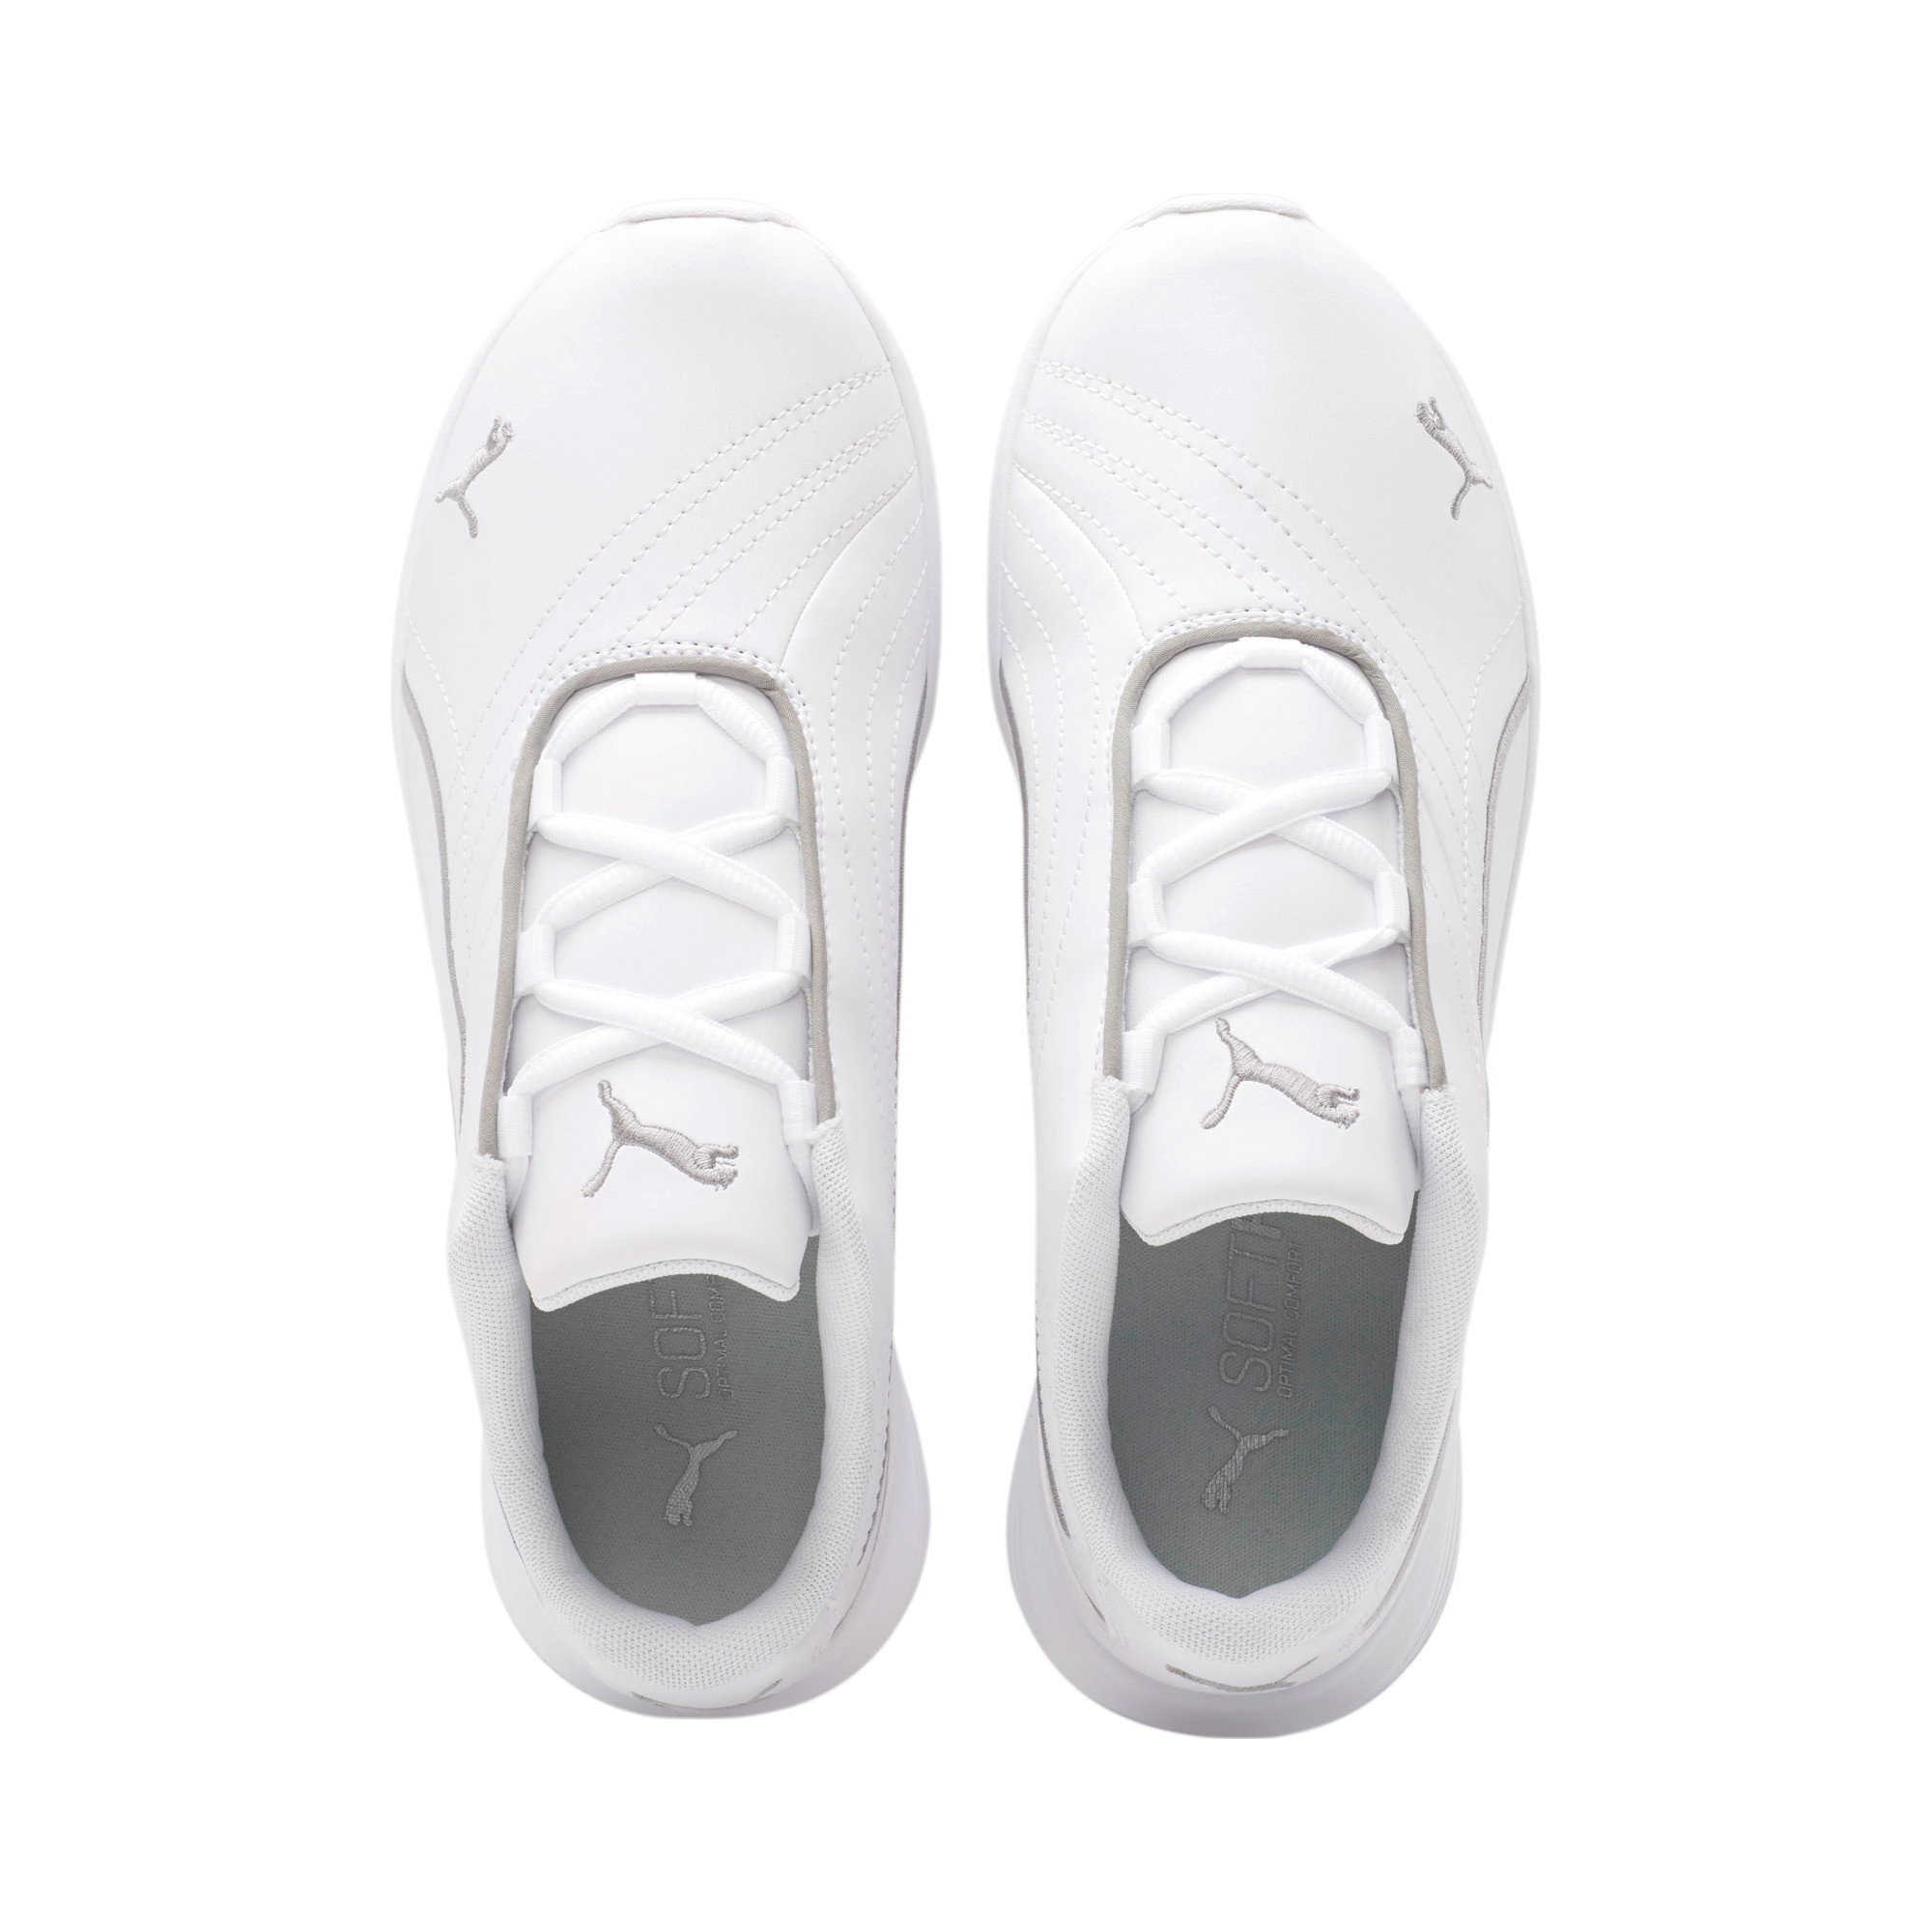 PUMA-Women-039-s-Ella-Lace-Up-Shoes thumbnail 7